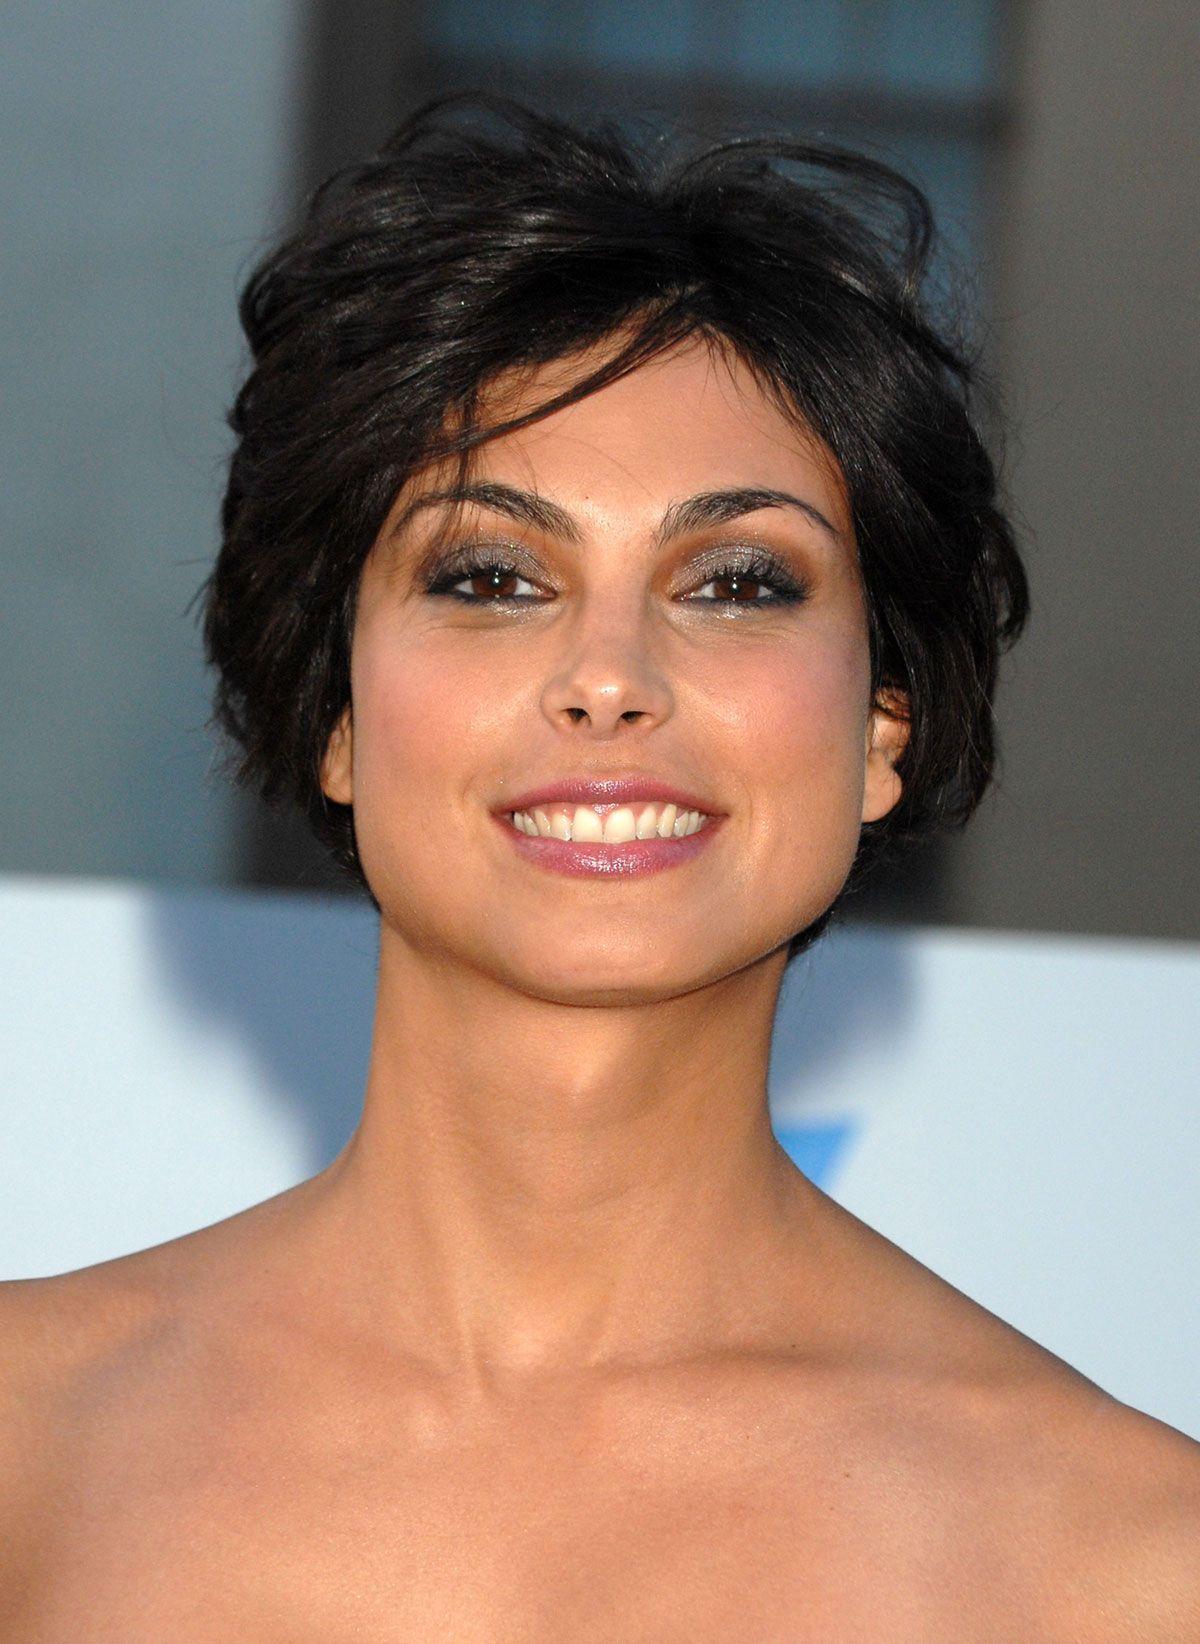 Morena baccarin brasilianische schauspielerin foto 1